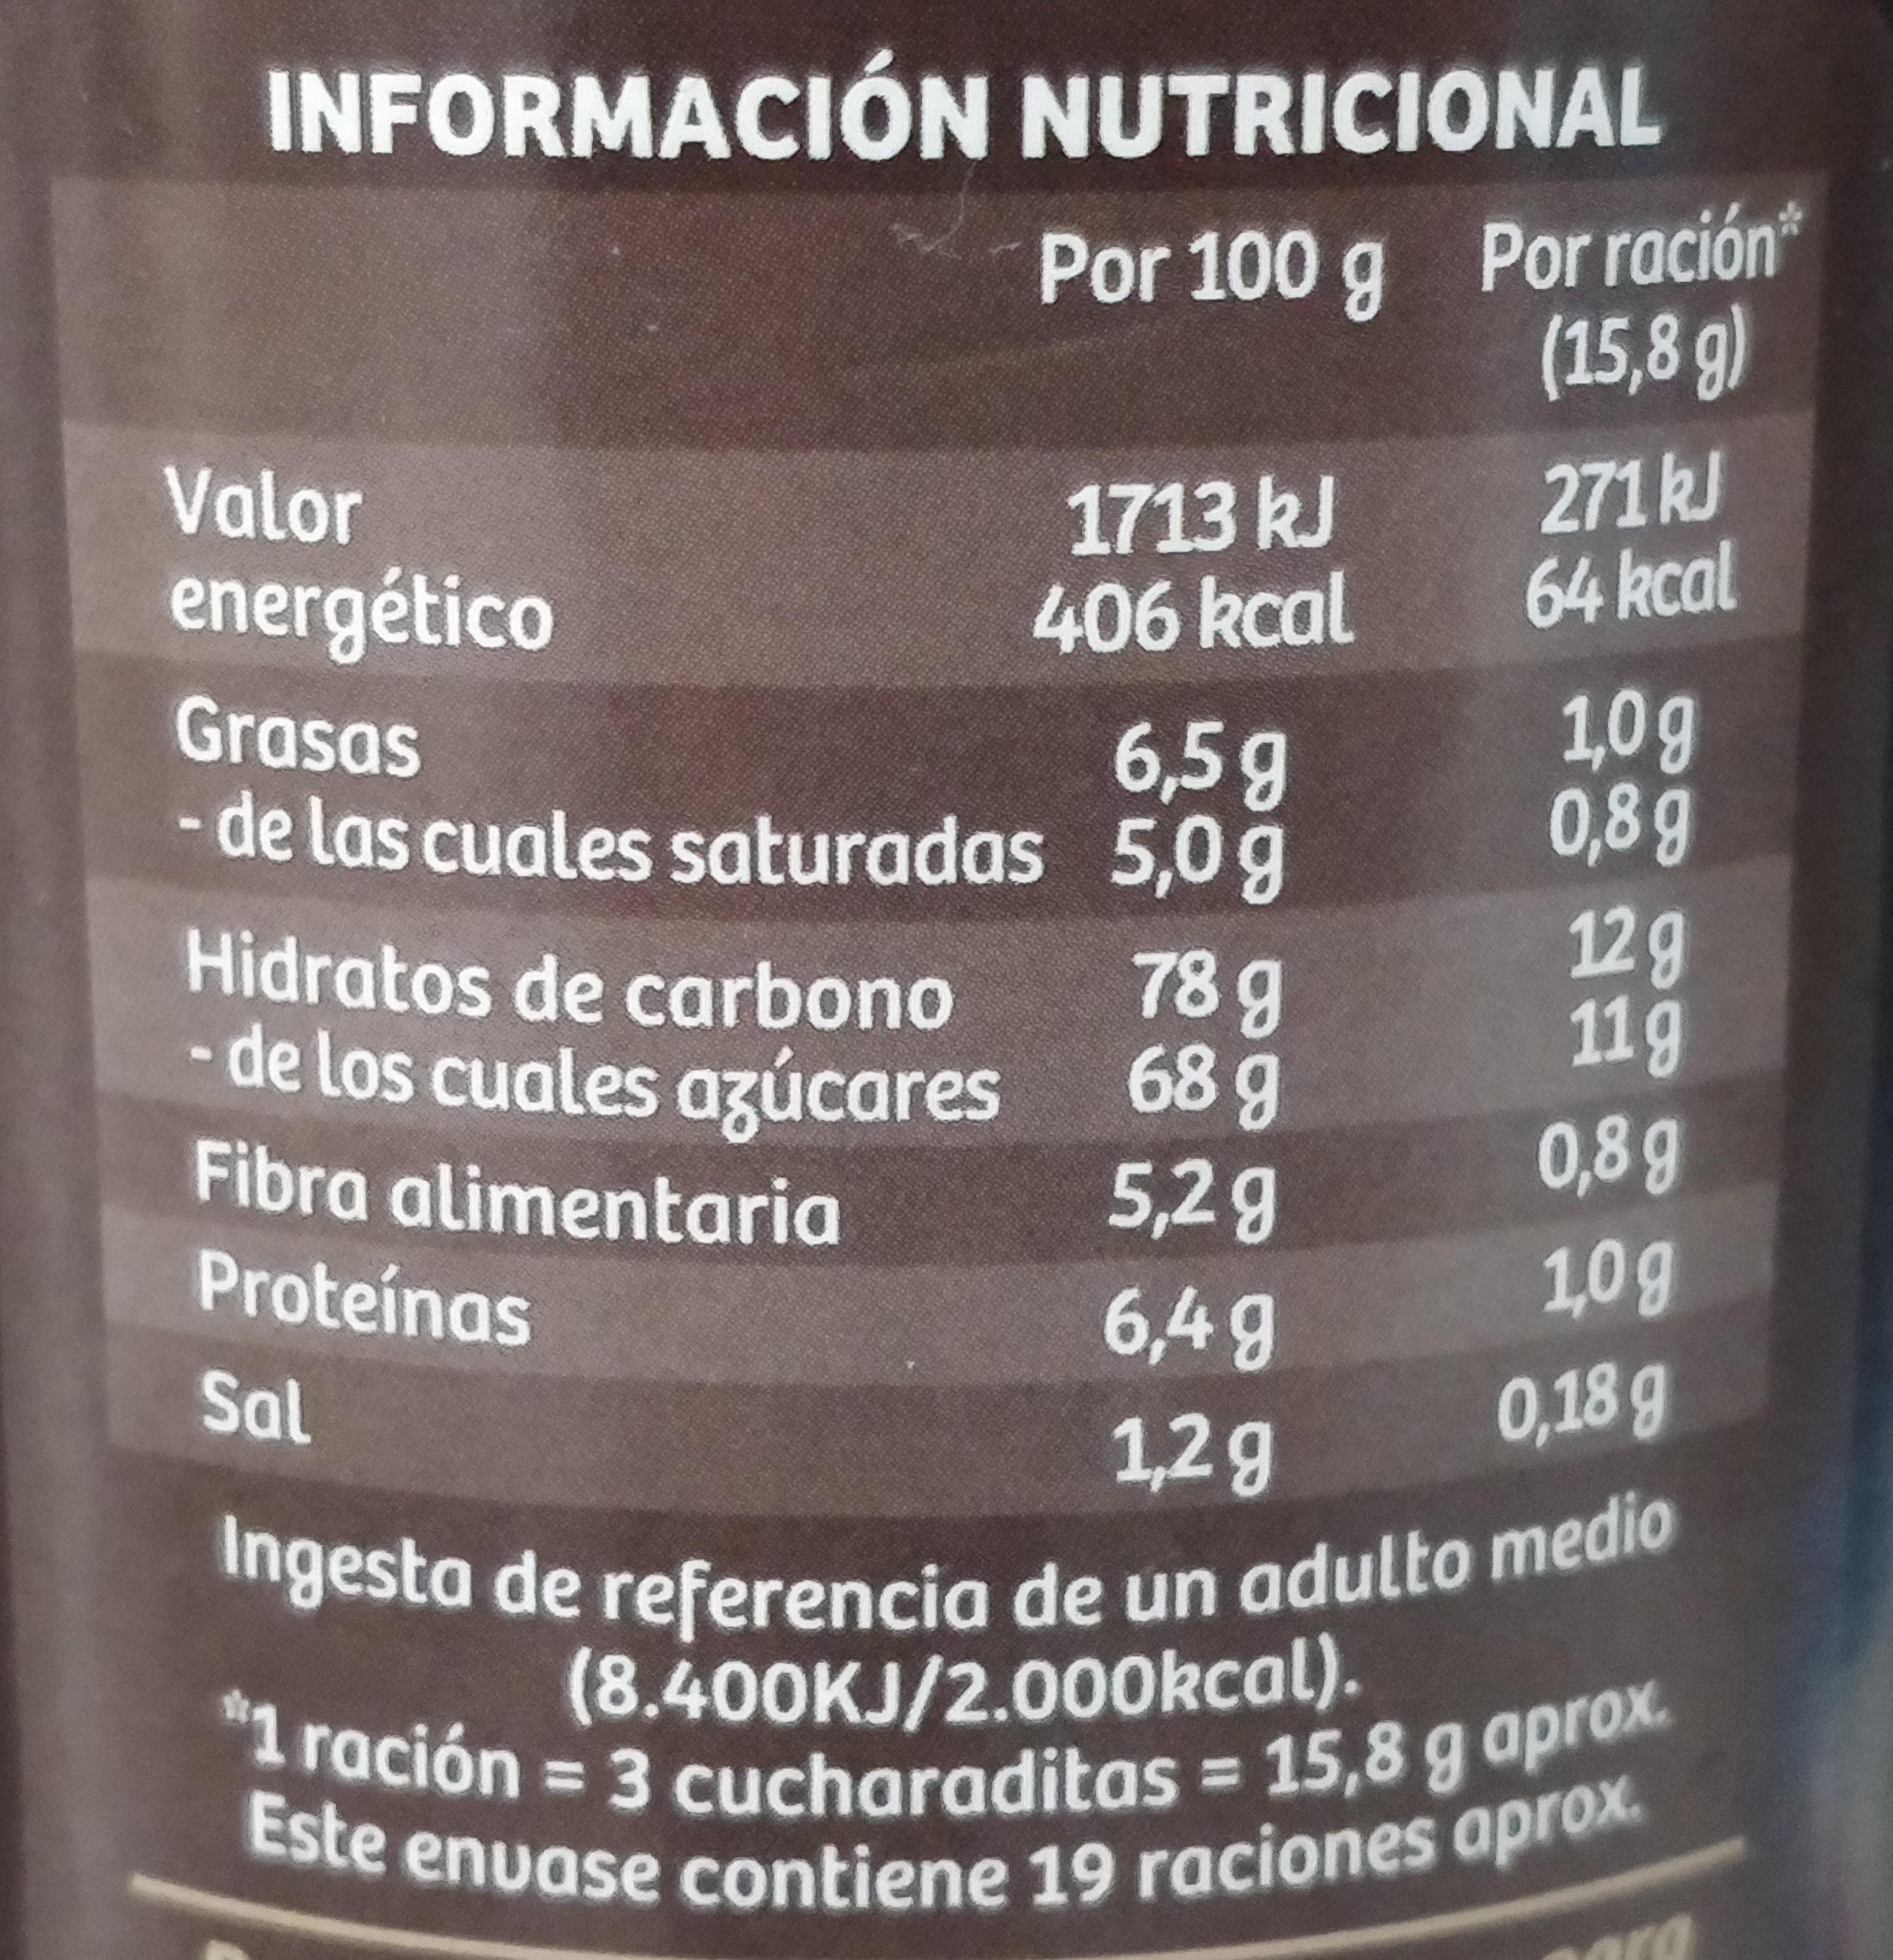 Cappuccino vienés - Información nutricional - es